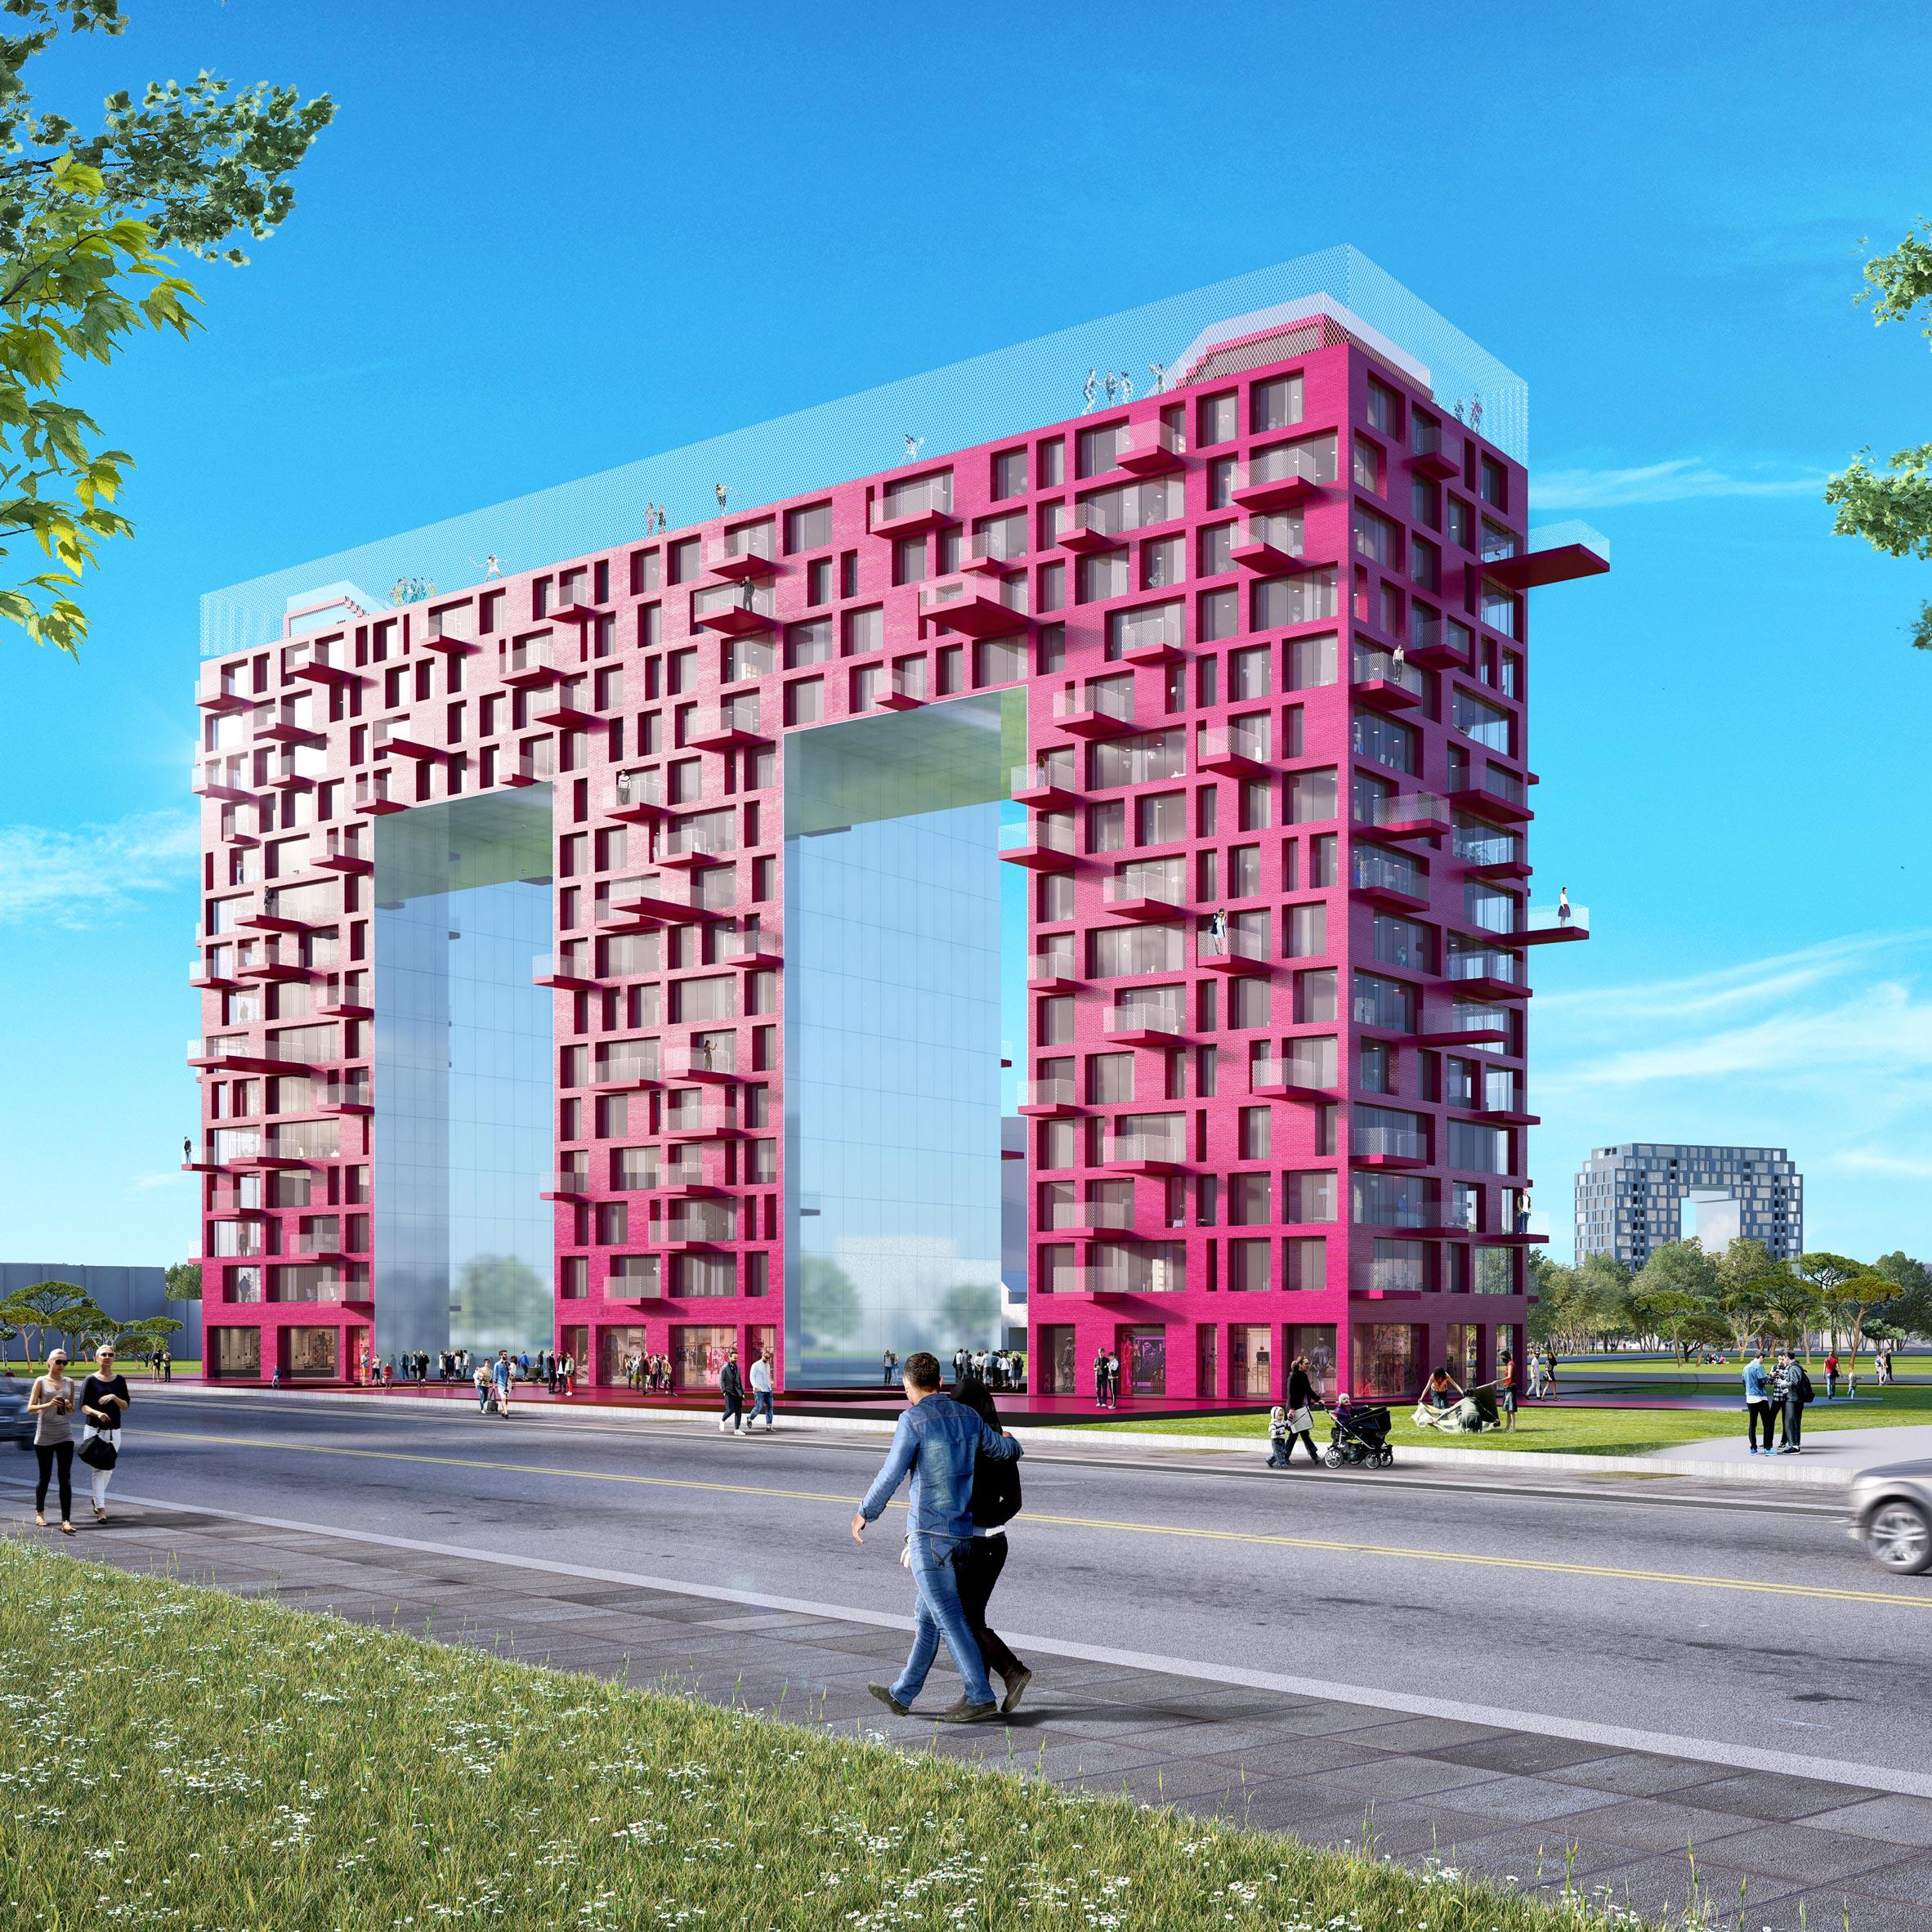 Architecture Design News german architecture and design | dezeen